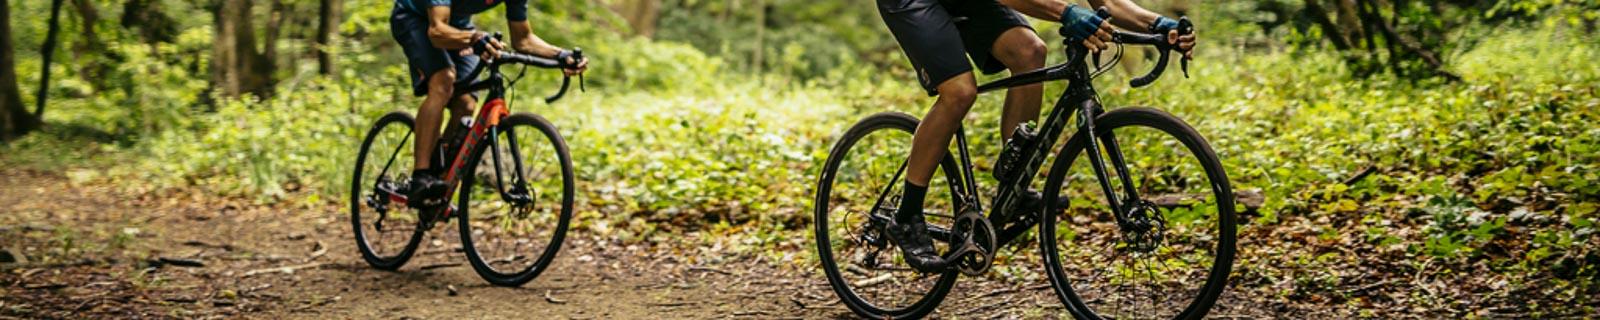 Las bicicletas de ciclocross – la alternativa para la estación humeda y fría